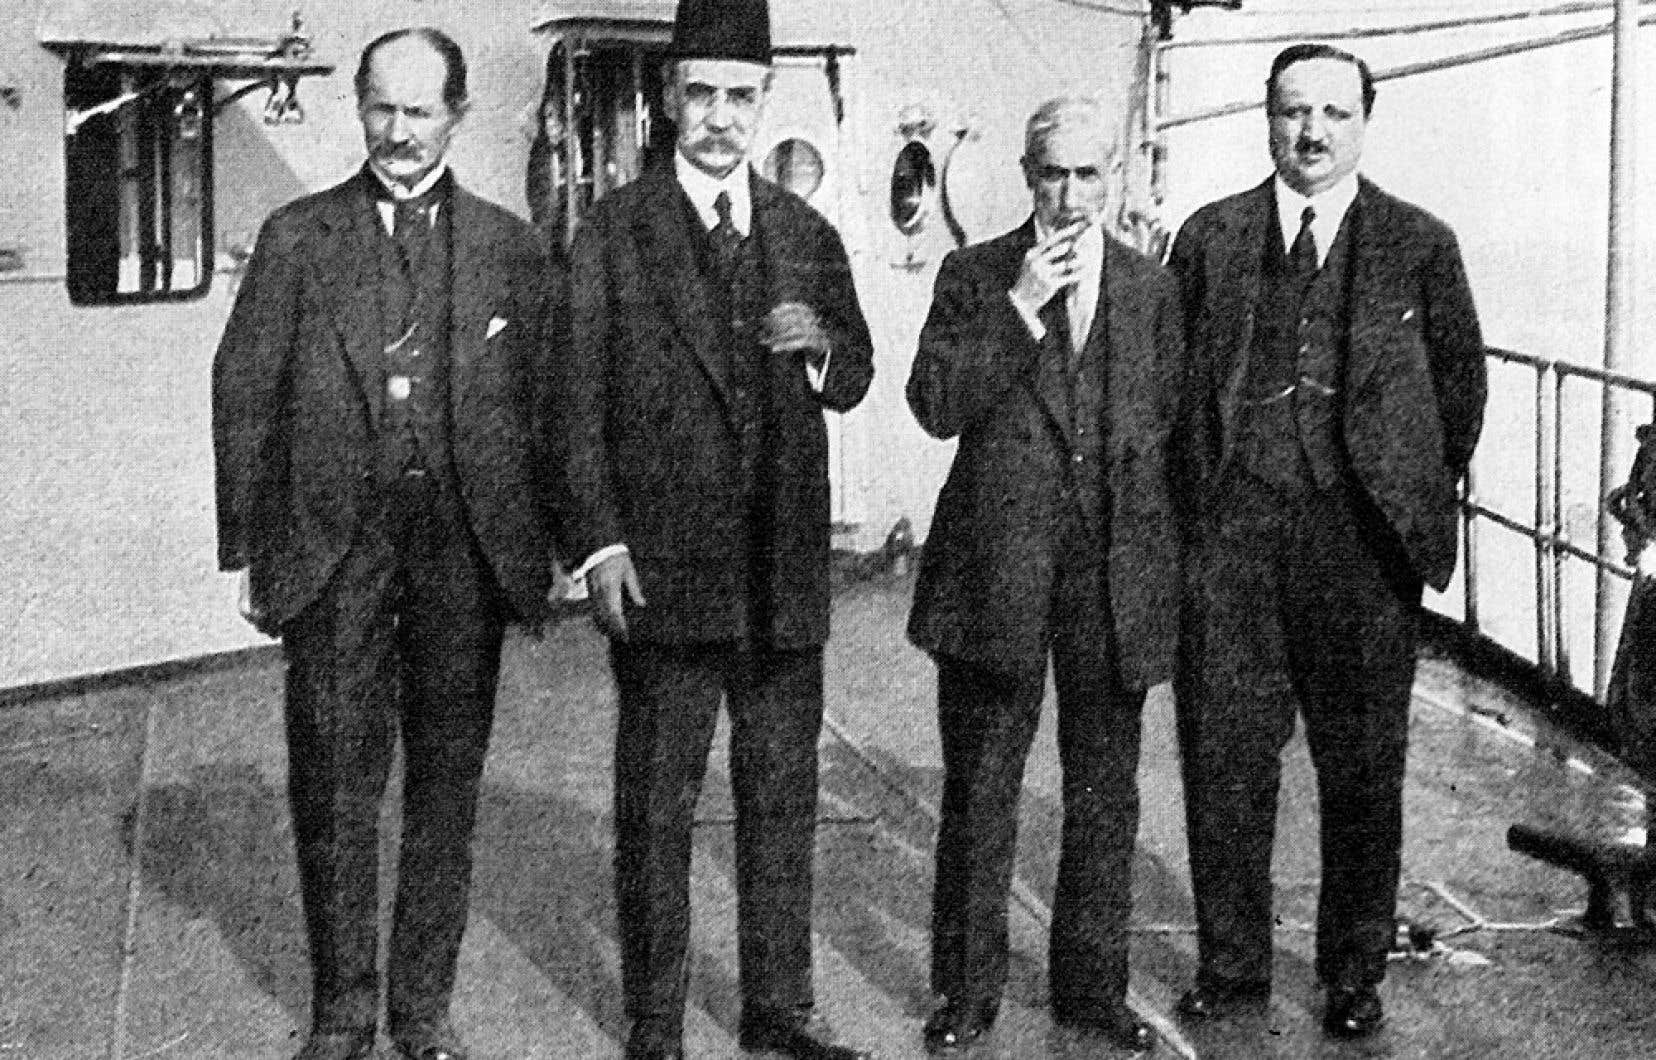 Les quatre signataires ottomans du Traité de Sèvres: Riza Tevfik, Damat Ferid Pasa (grand vizir), Hadi Pasa (ambassadeur) et Reid Halis (ministre de l'Éducation). Les morceaux de l'Empire ottoman, après sa chute, ont formé les différents pays du Moyen-Orient.